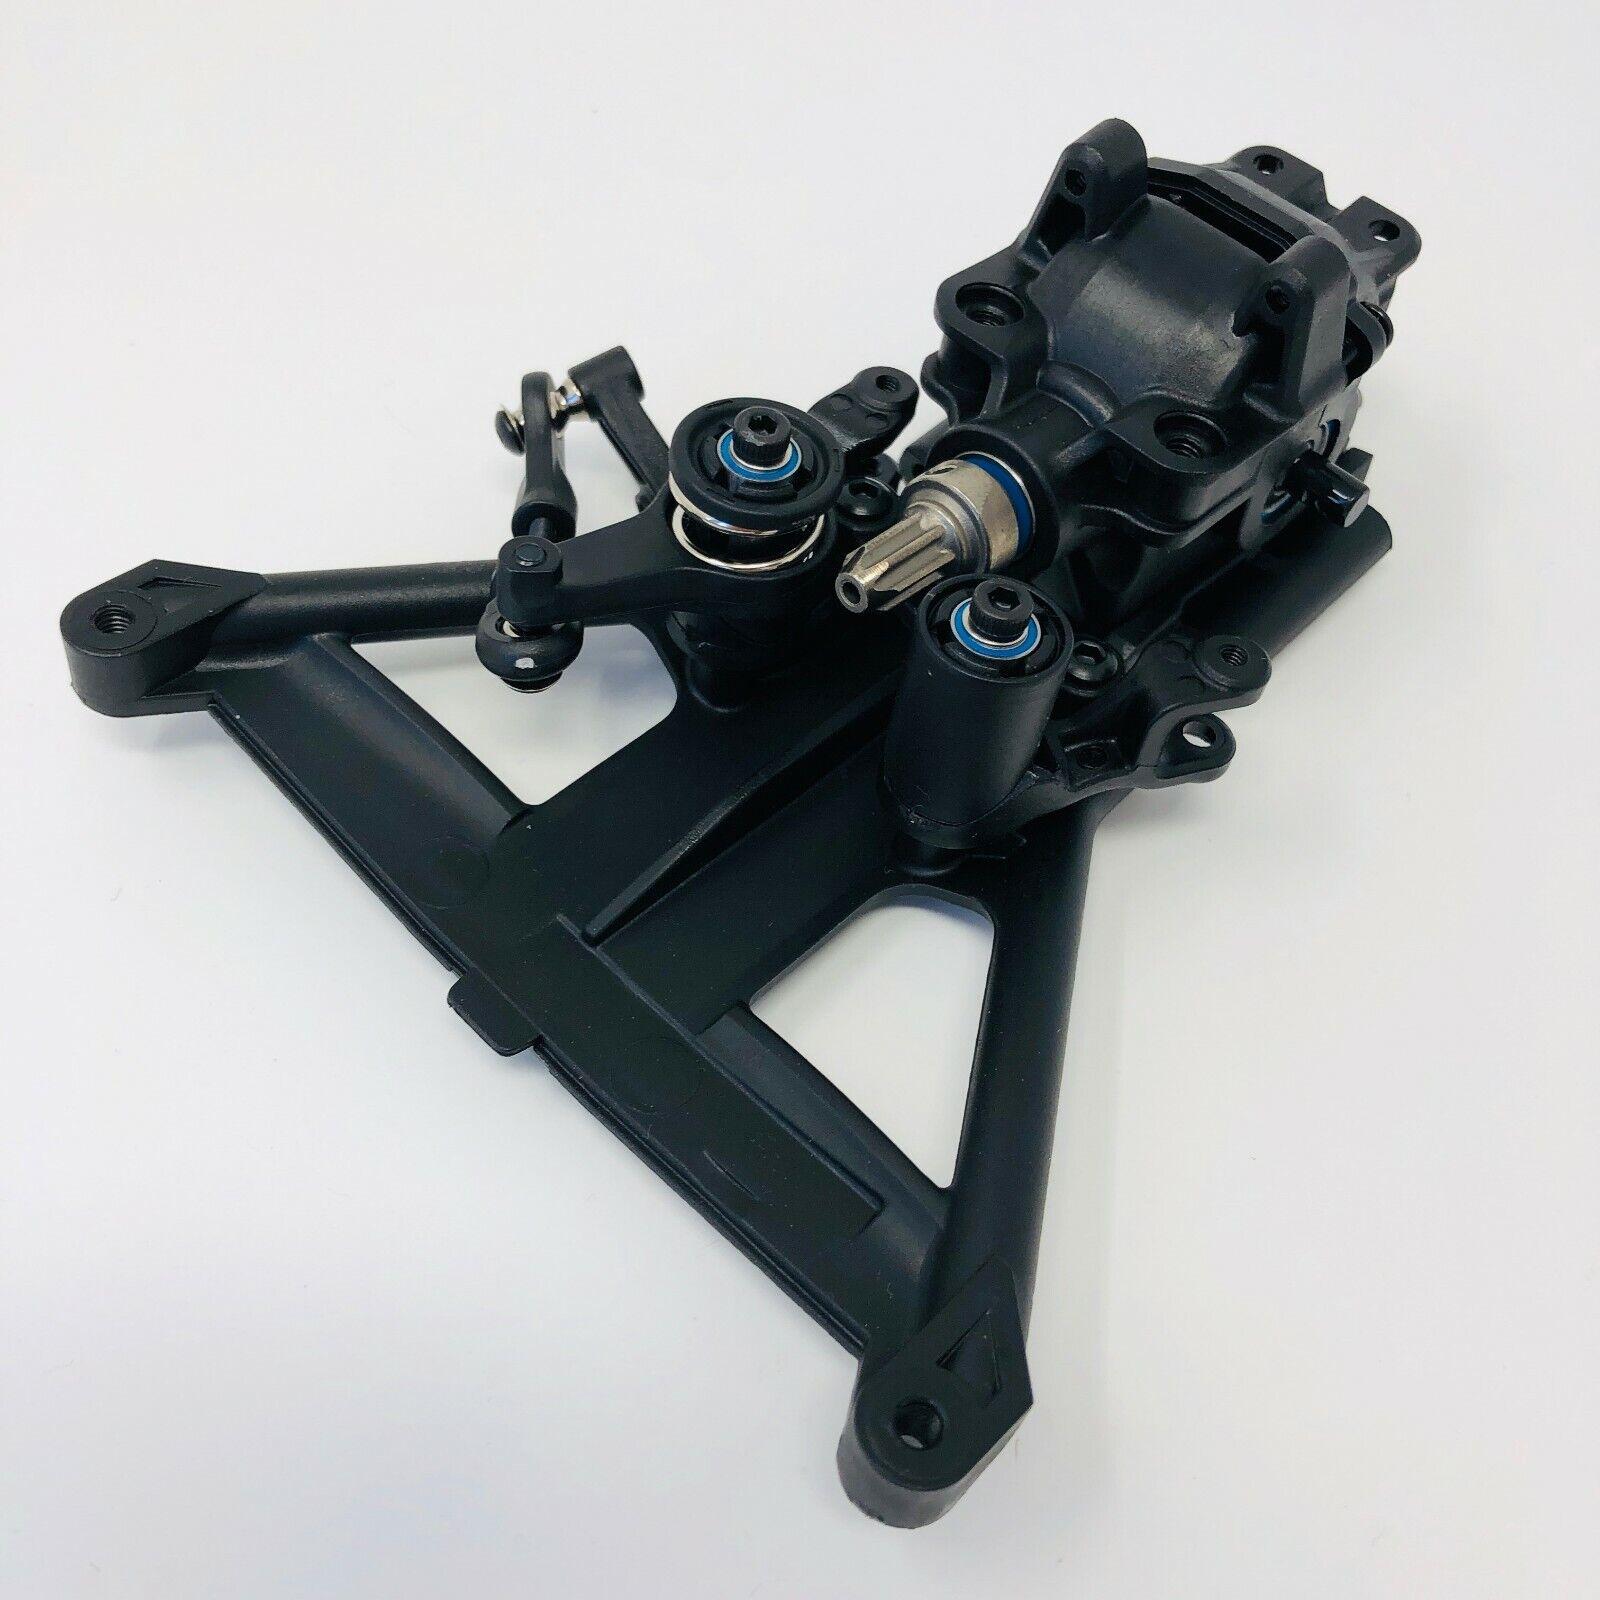 Traxxas Slash Rustler 4x4 VXL Completo Frontal Diff-volante-Piñón-Gear